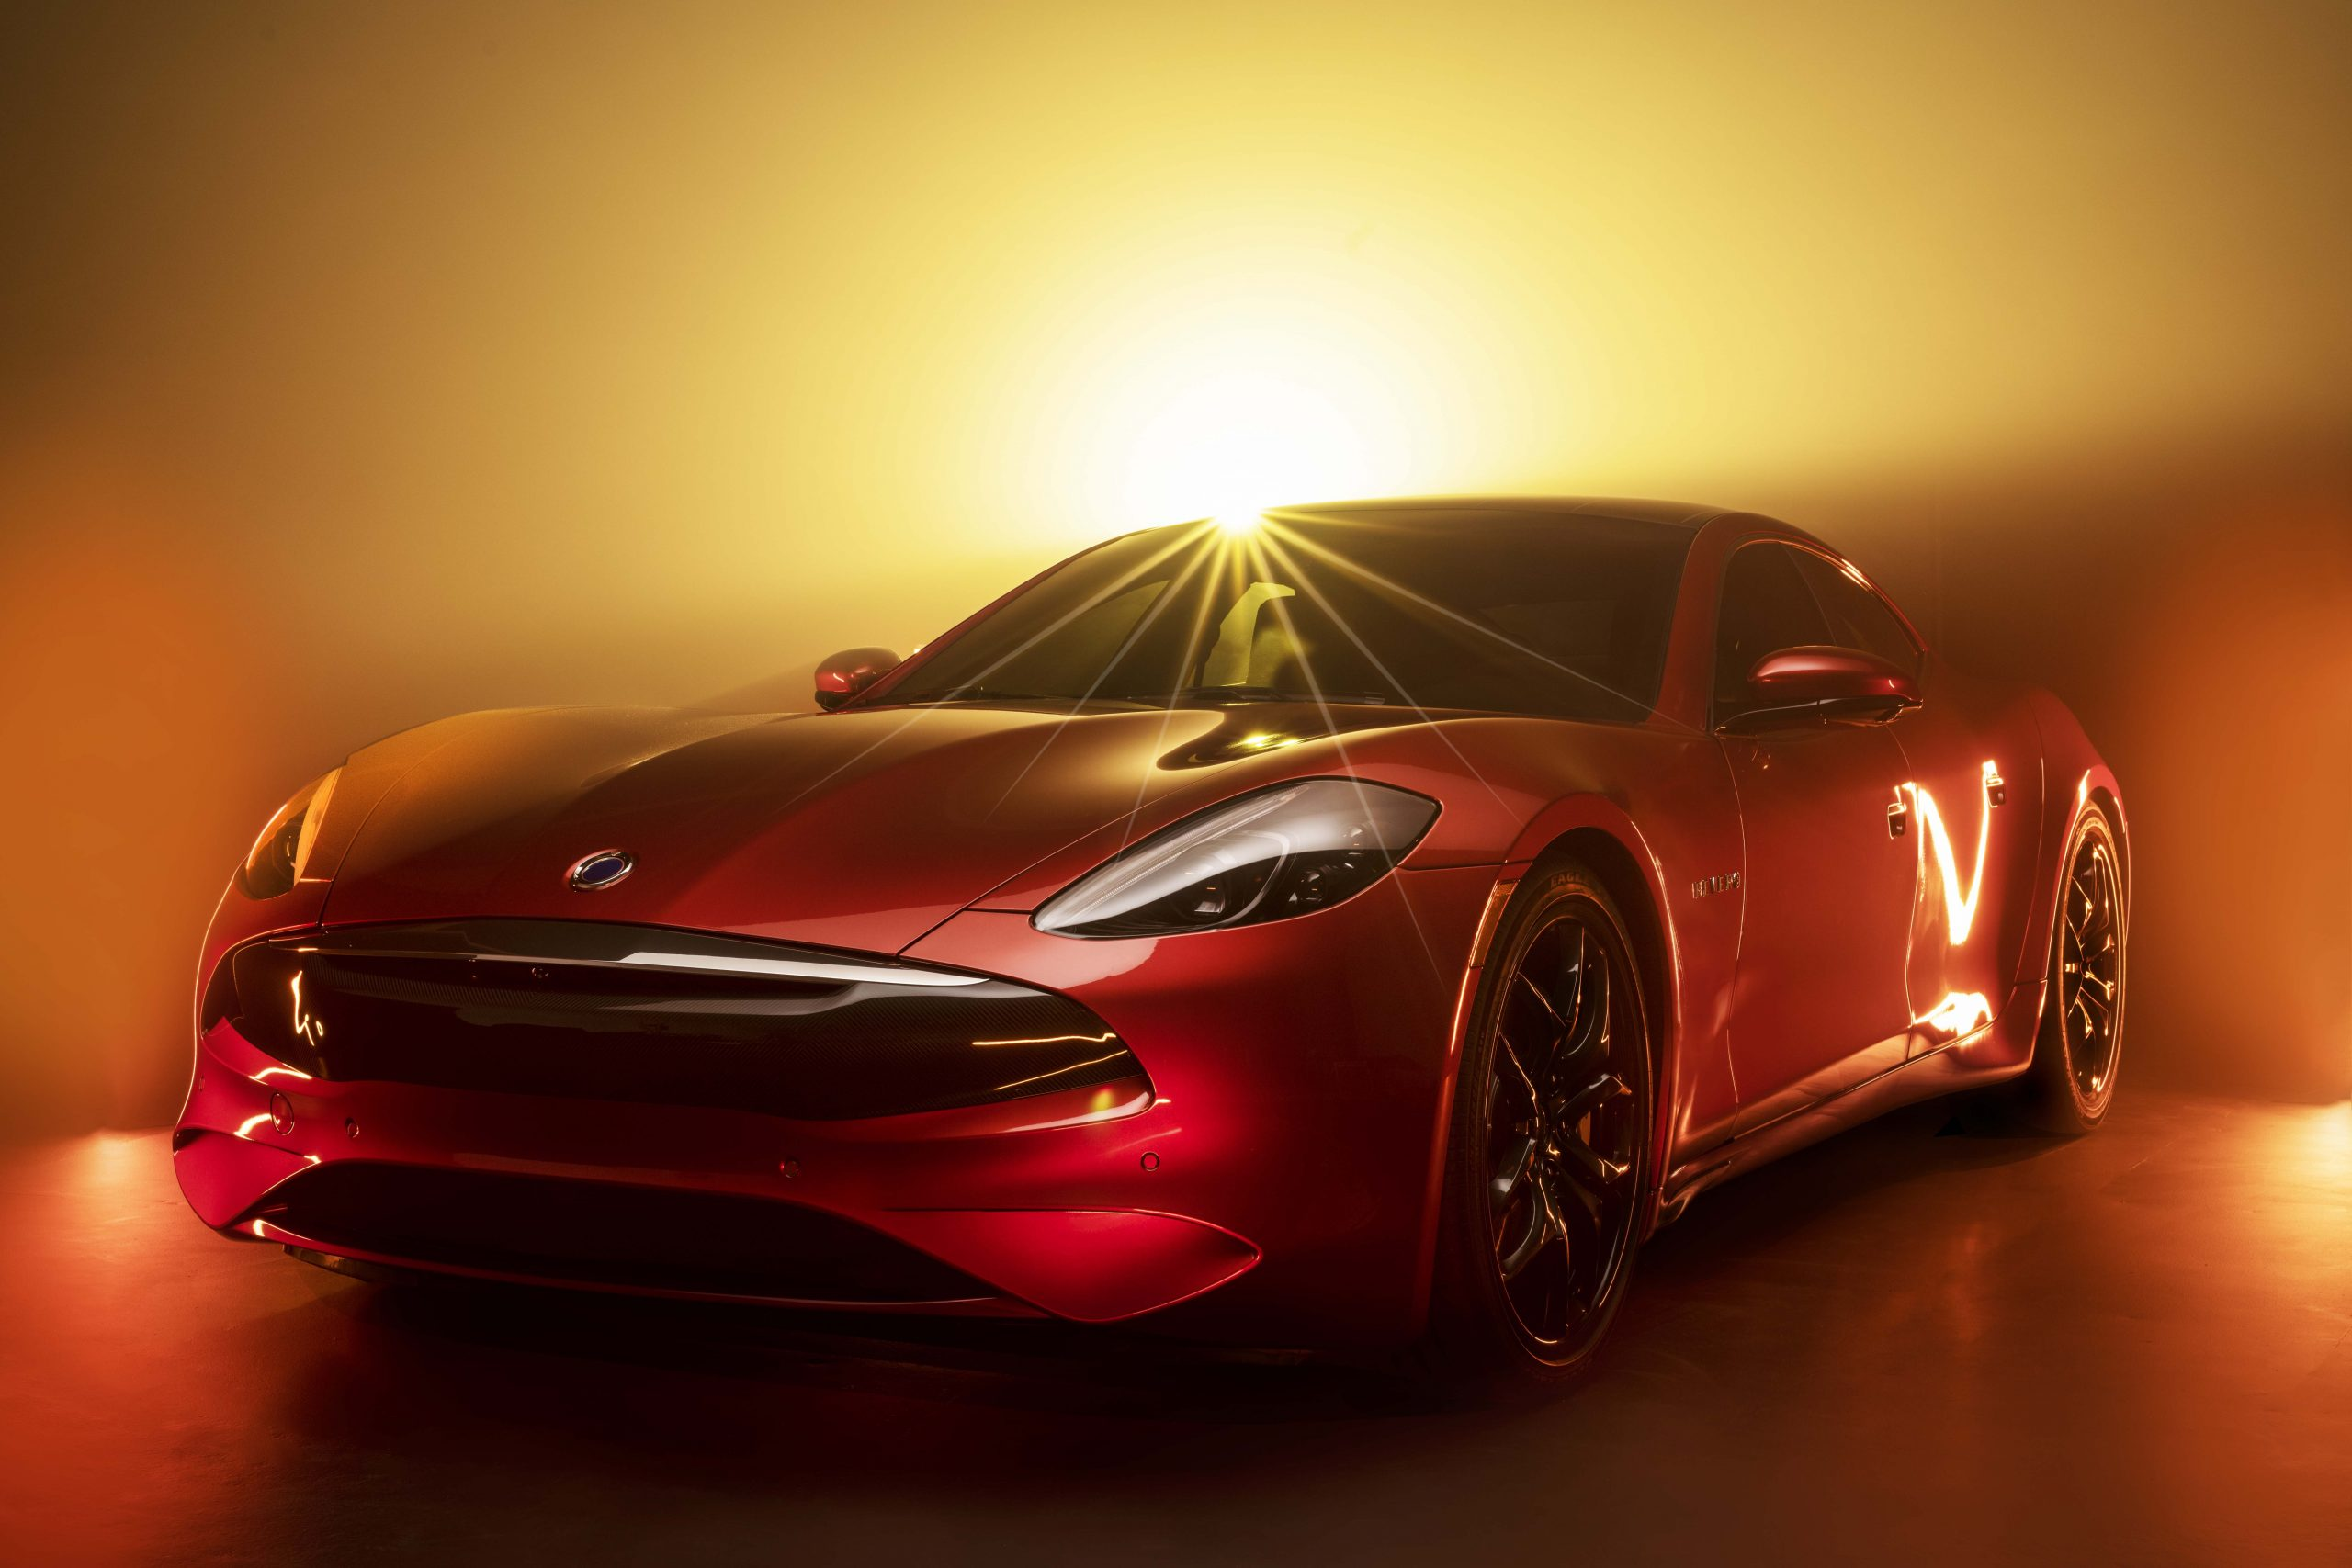 Revero GT